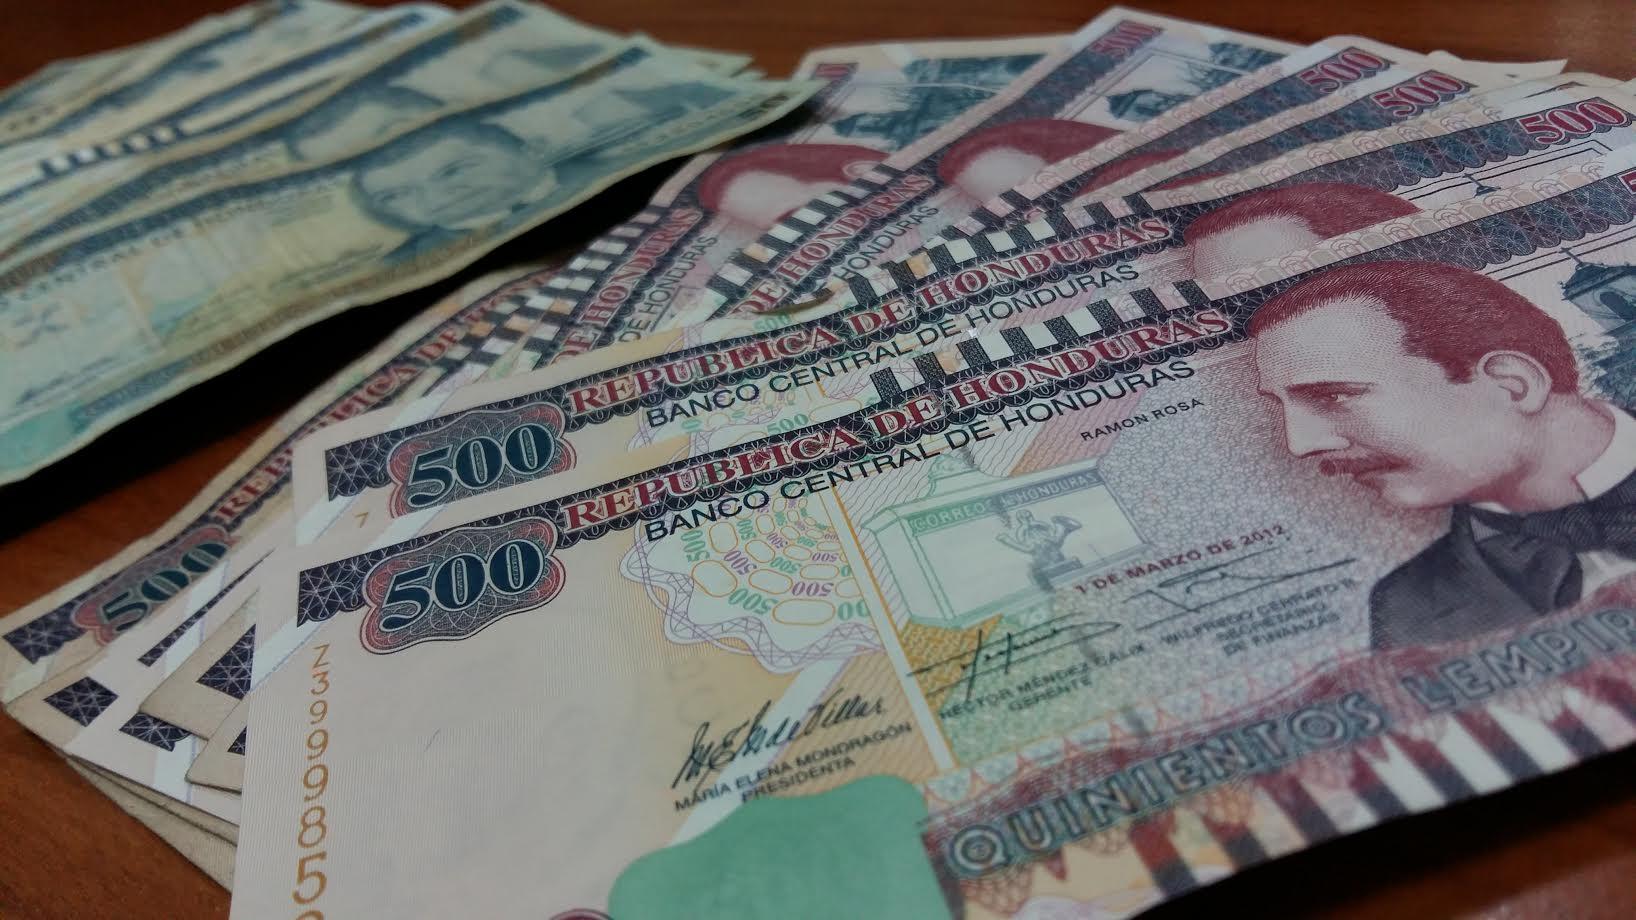 Impuesto Sobre la Venta seguirá siendo principal fuente de ingresos tributarios